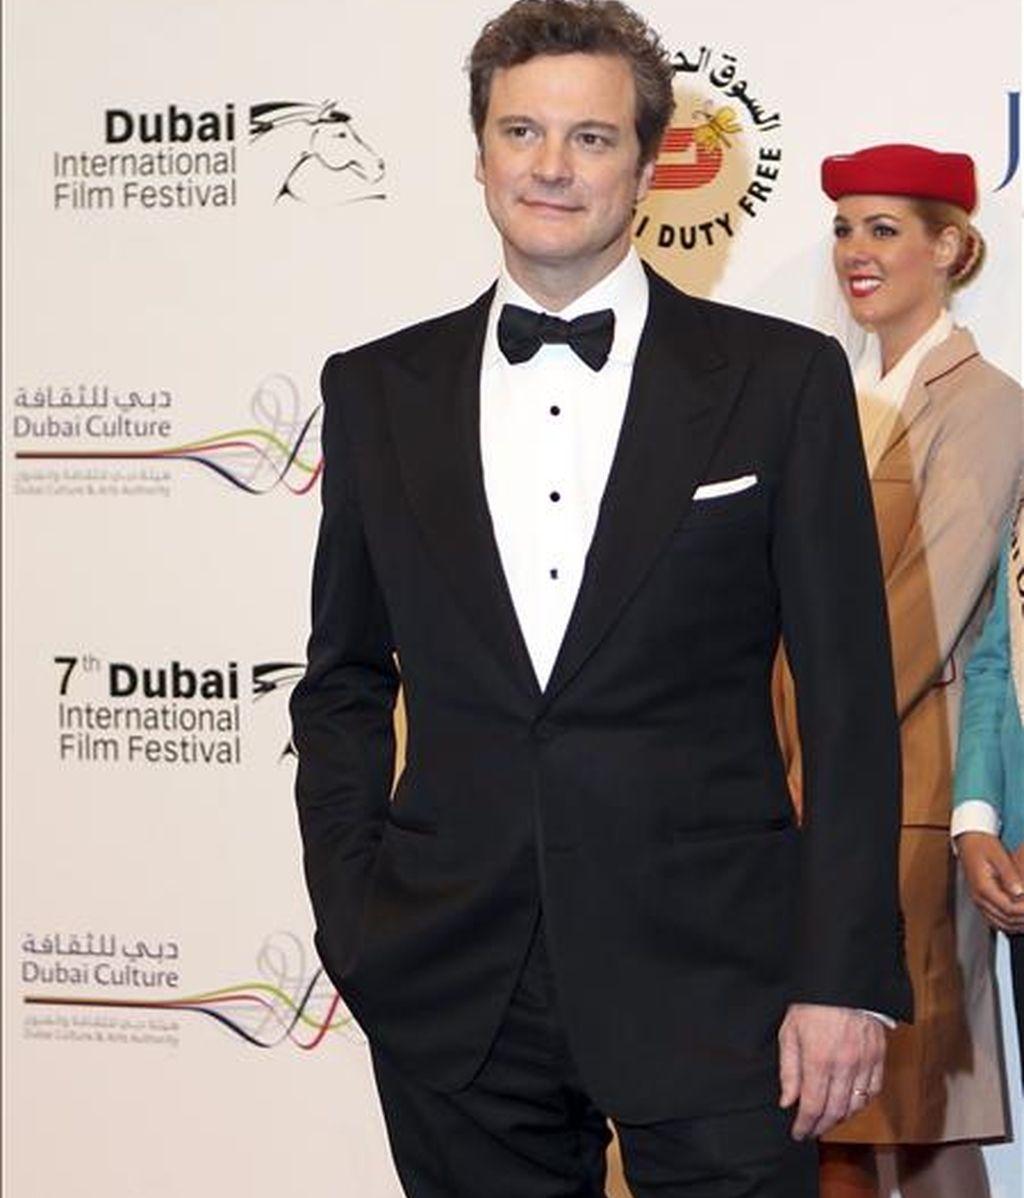 El actor británico Colin Firth. EFE/Archivo